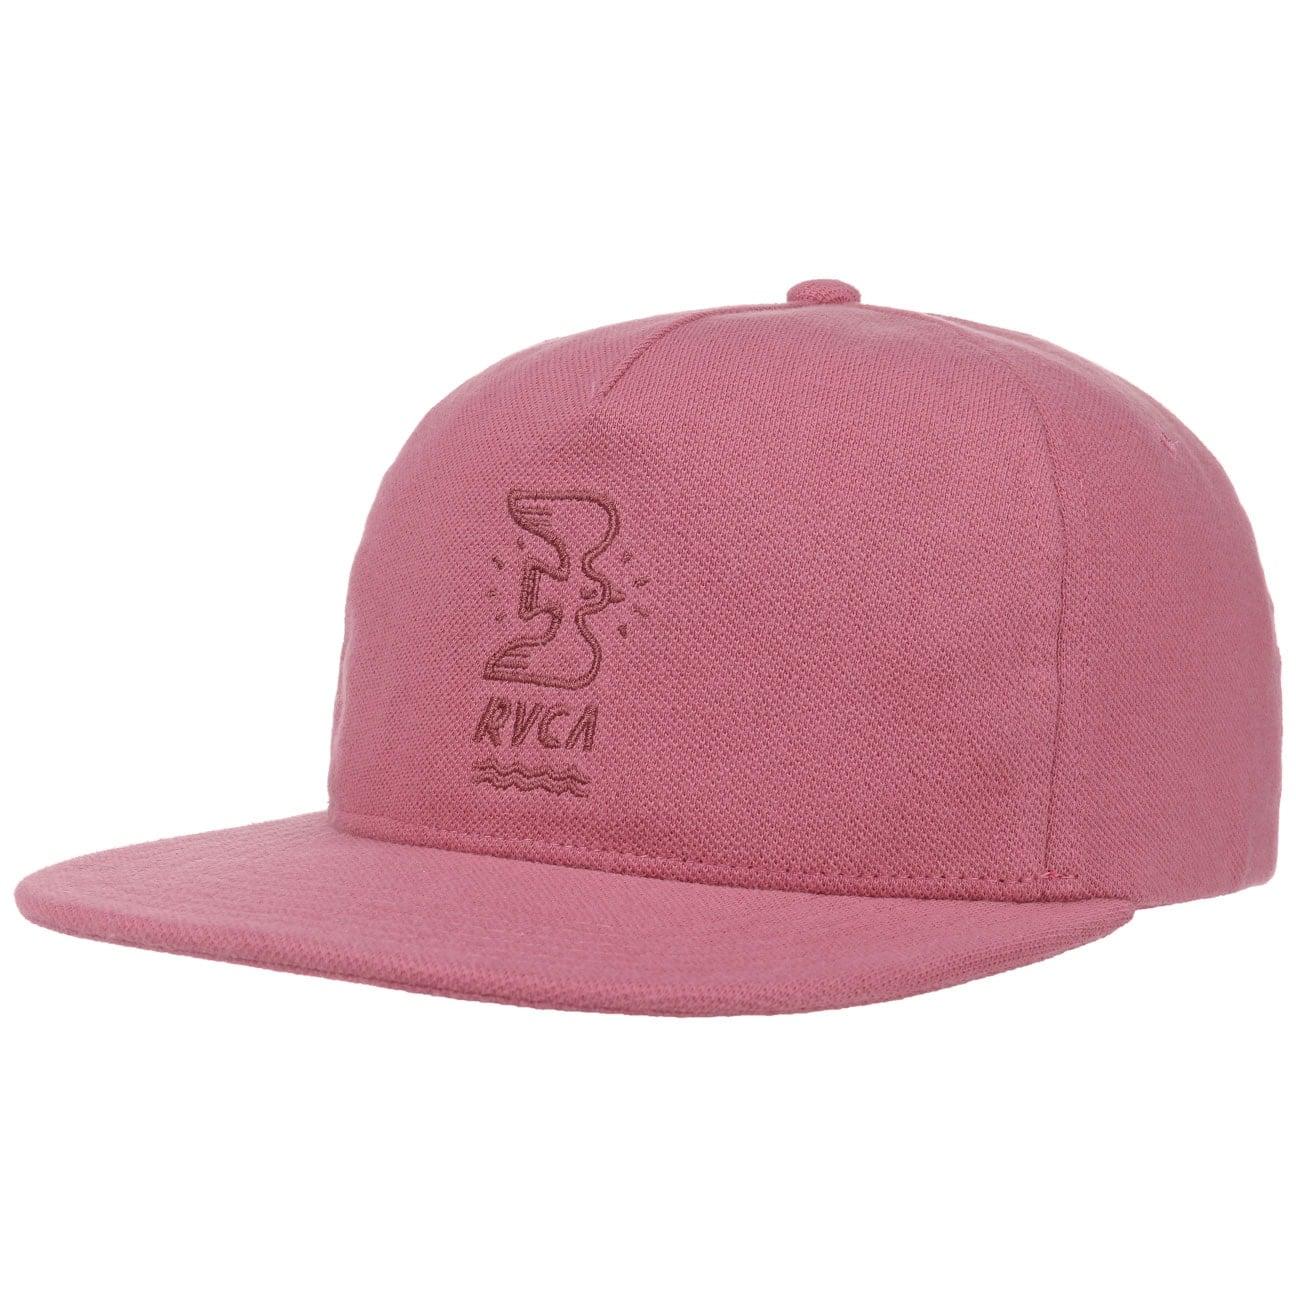 Casquette Strapback Stress Free by RVCA  baseball cap